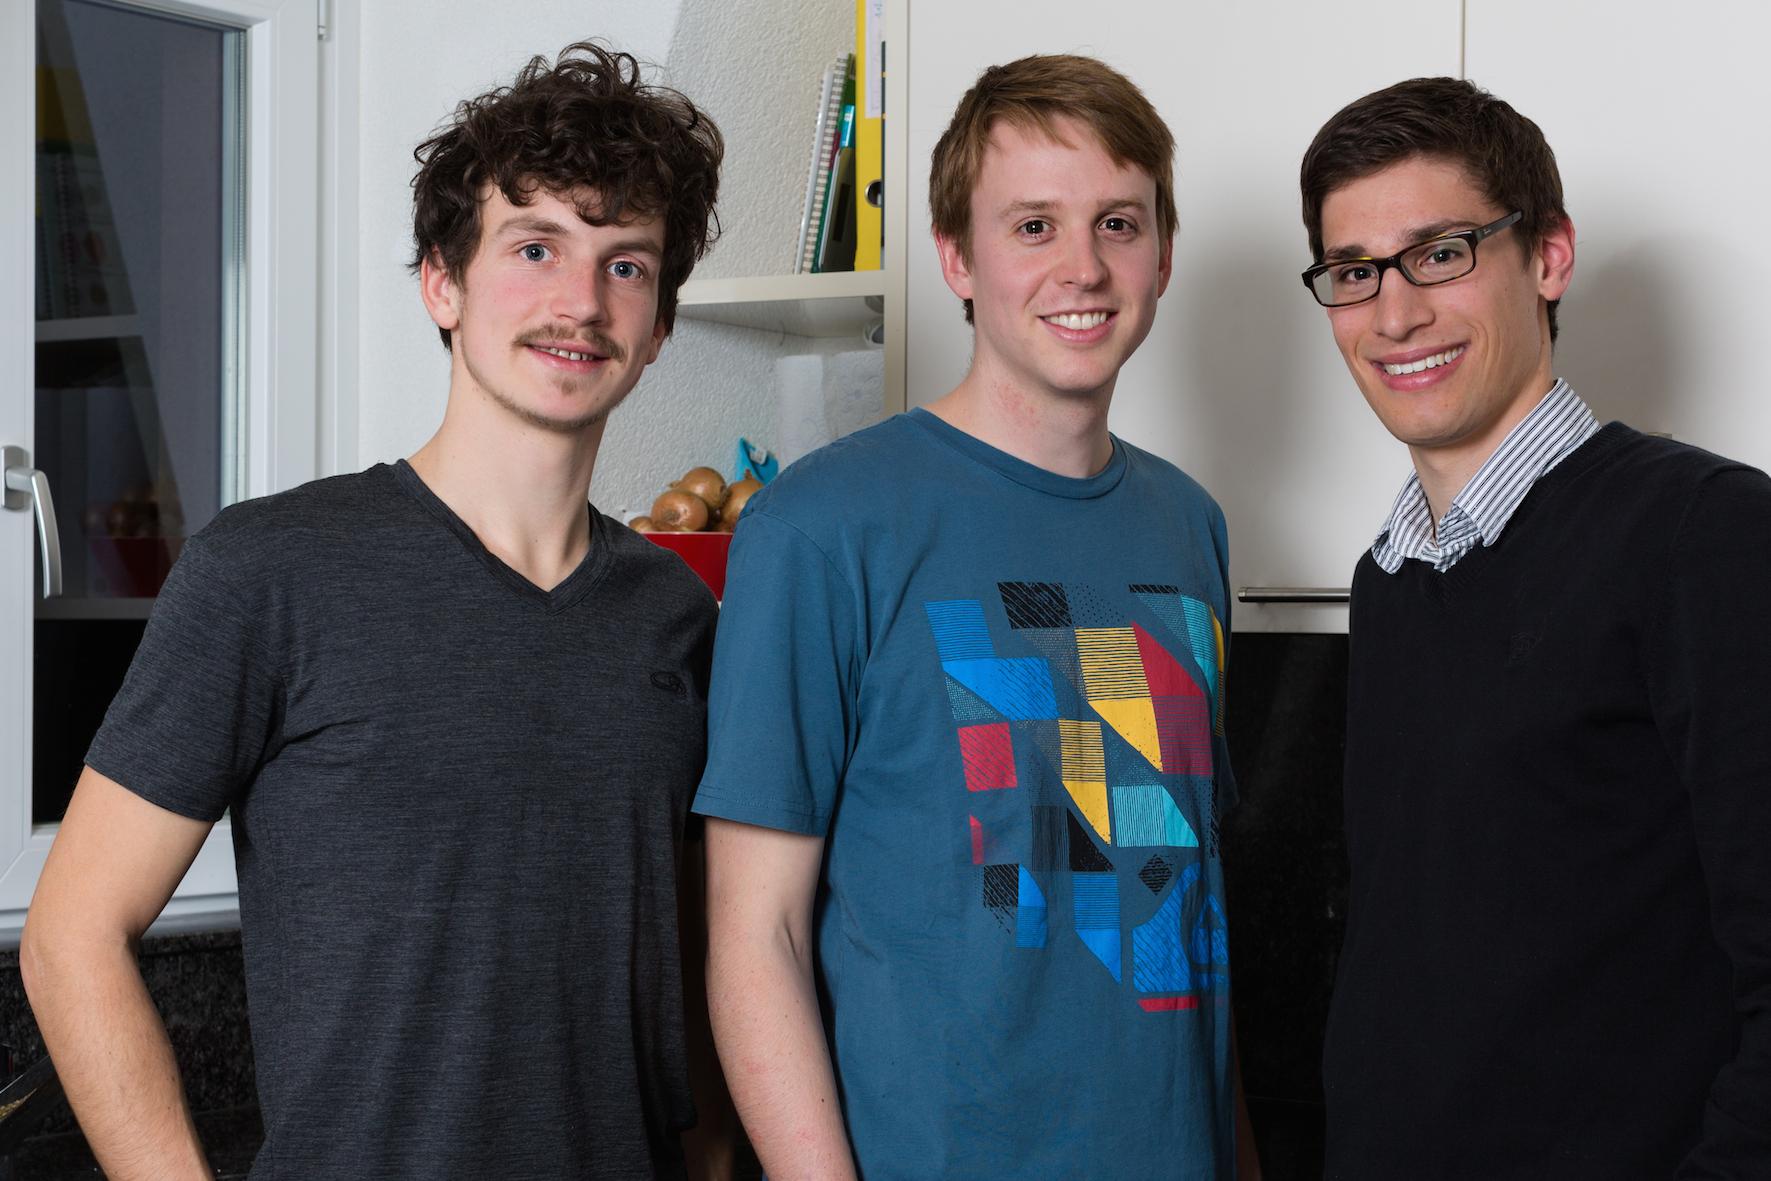 Studenten und Insekten-Freunde: Stefan Schultze, Matthias Grawehr, Christian Bärtsch (von links).